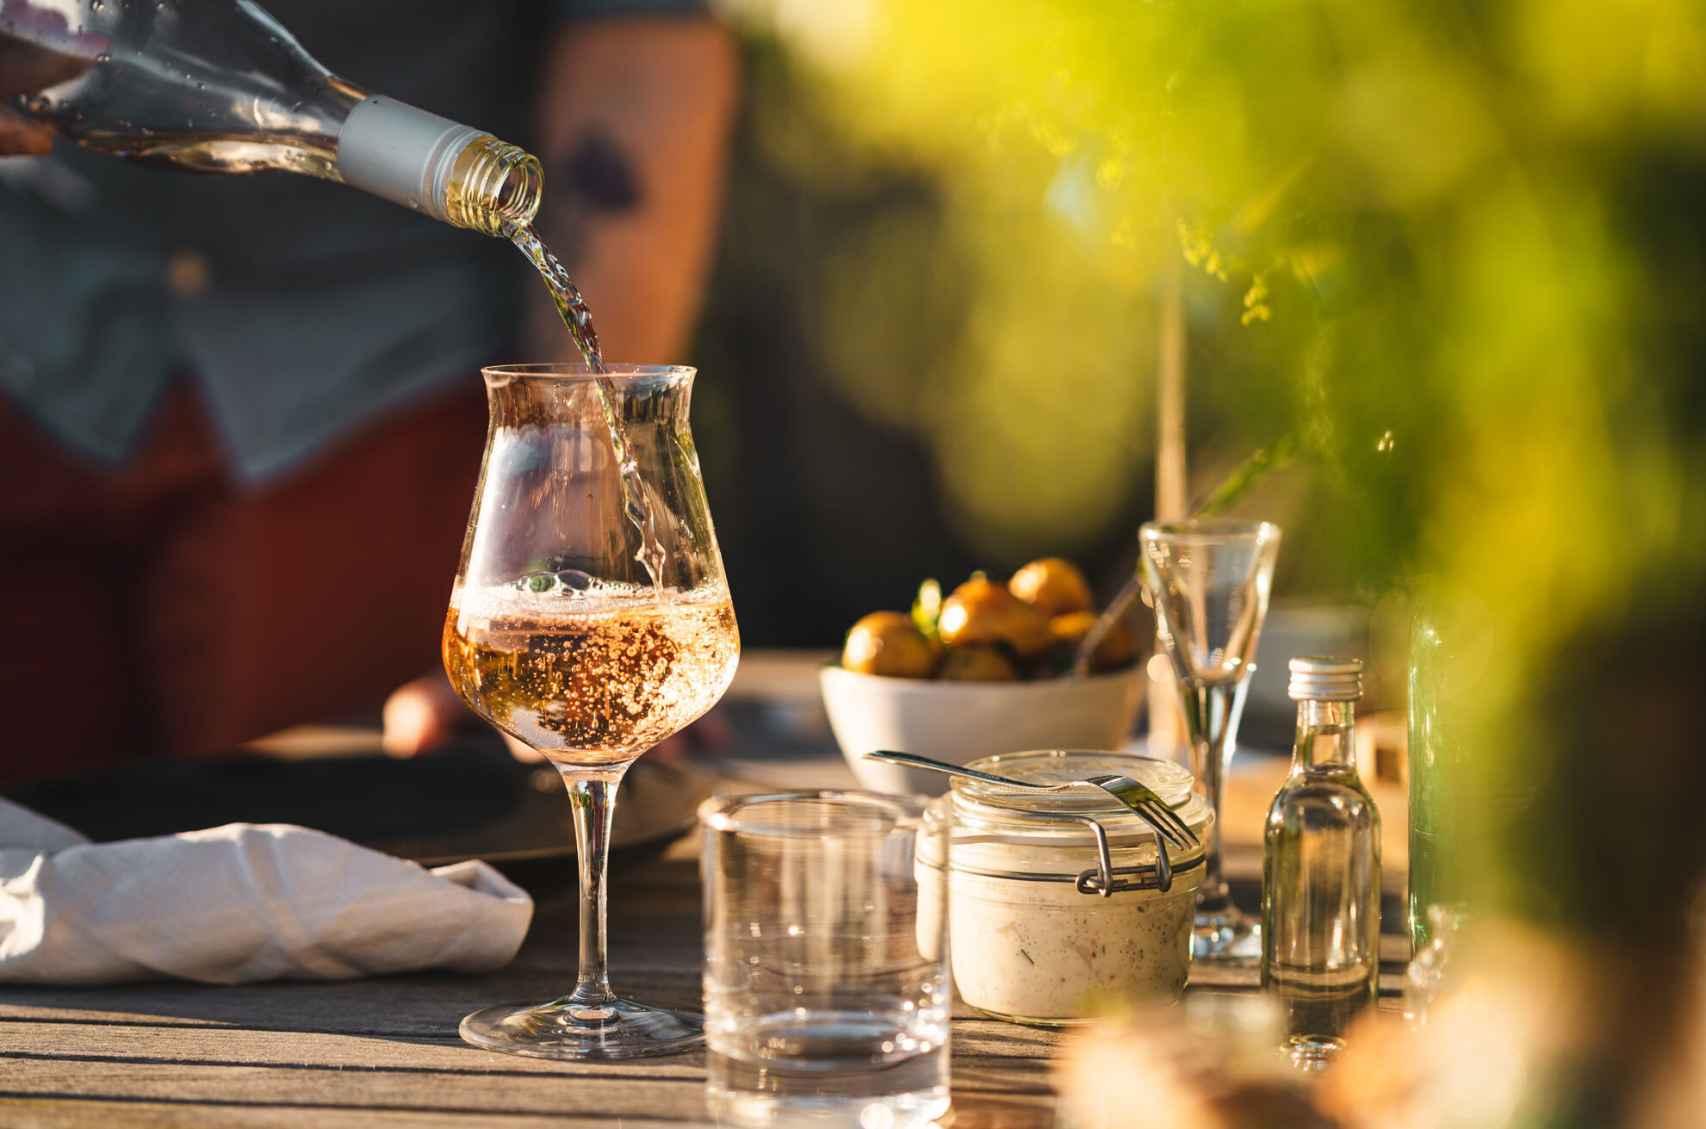 Siempre es un buen momento para probar los vinos locales.